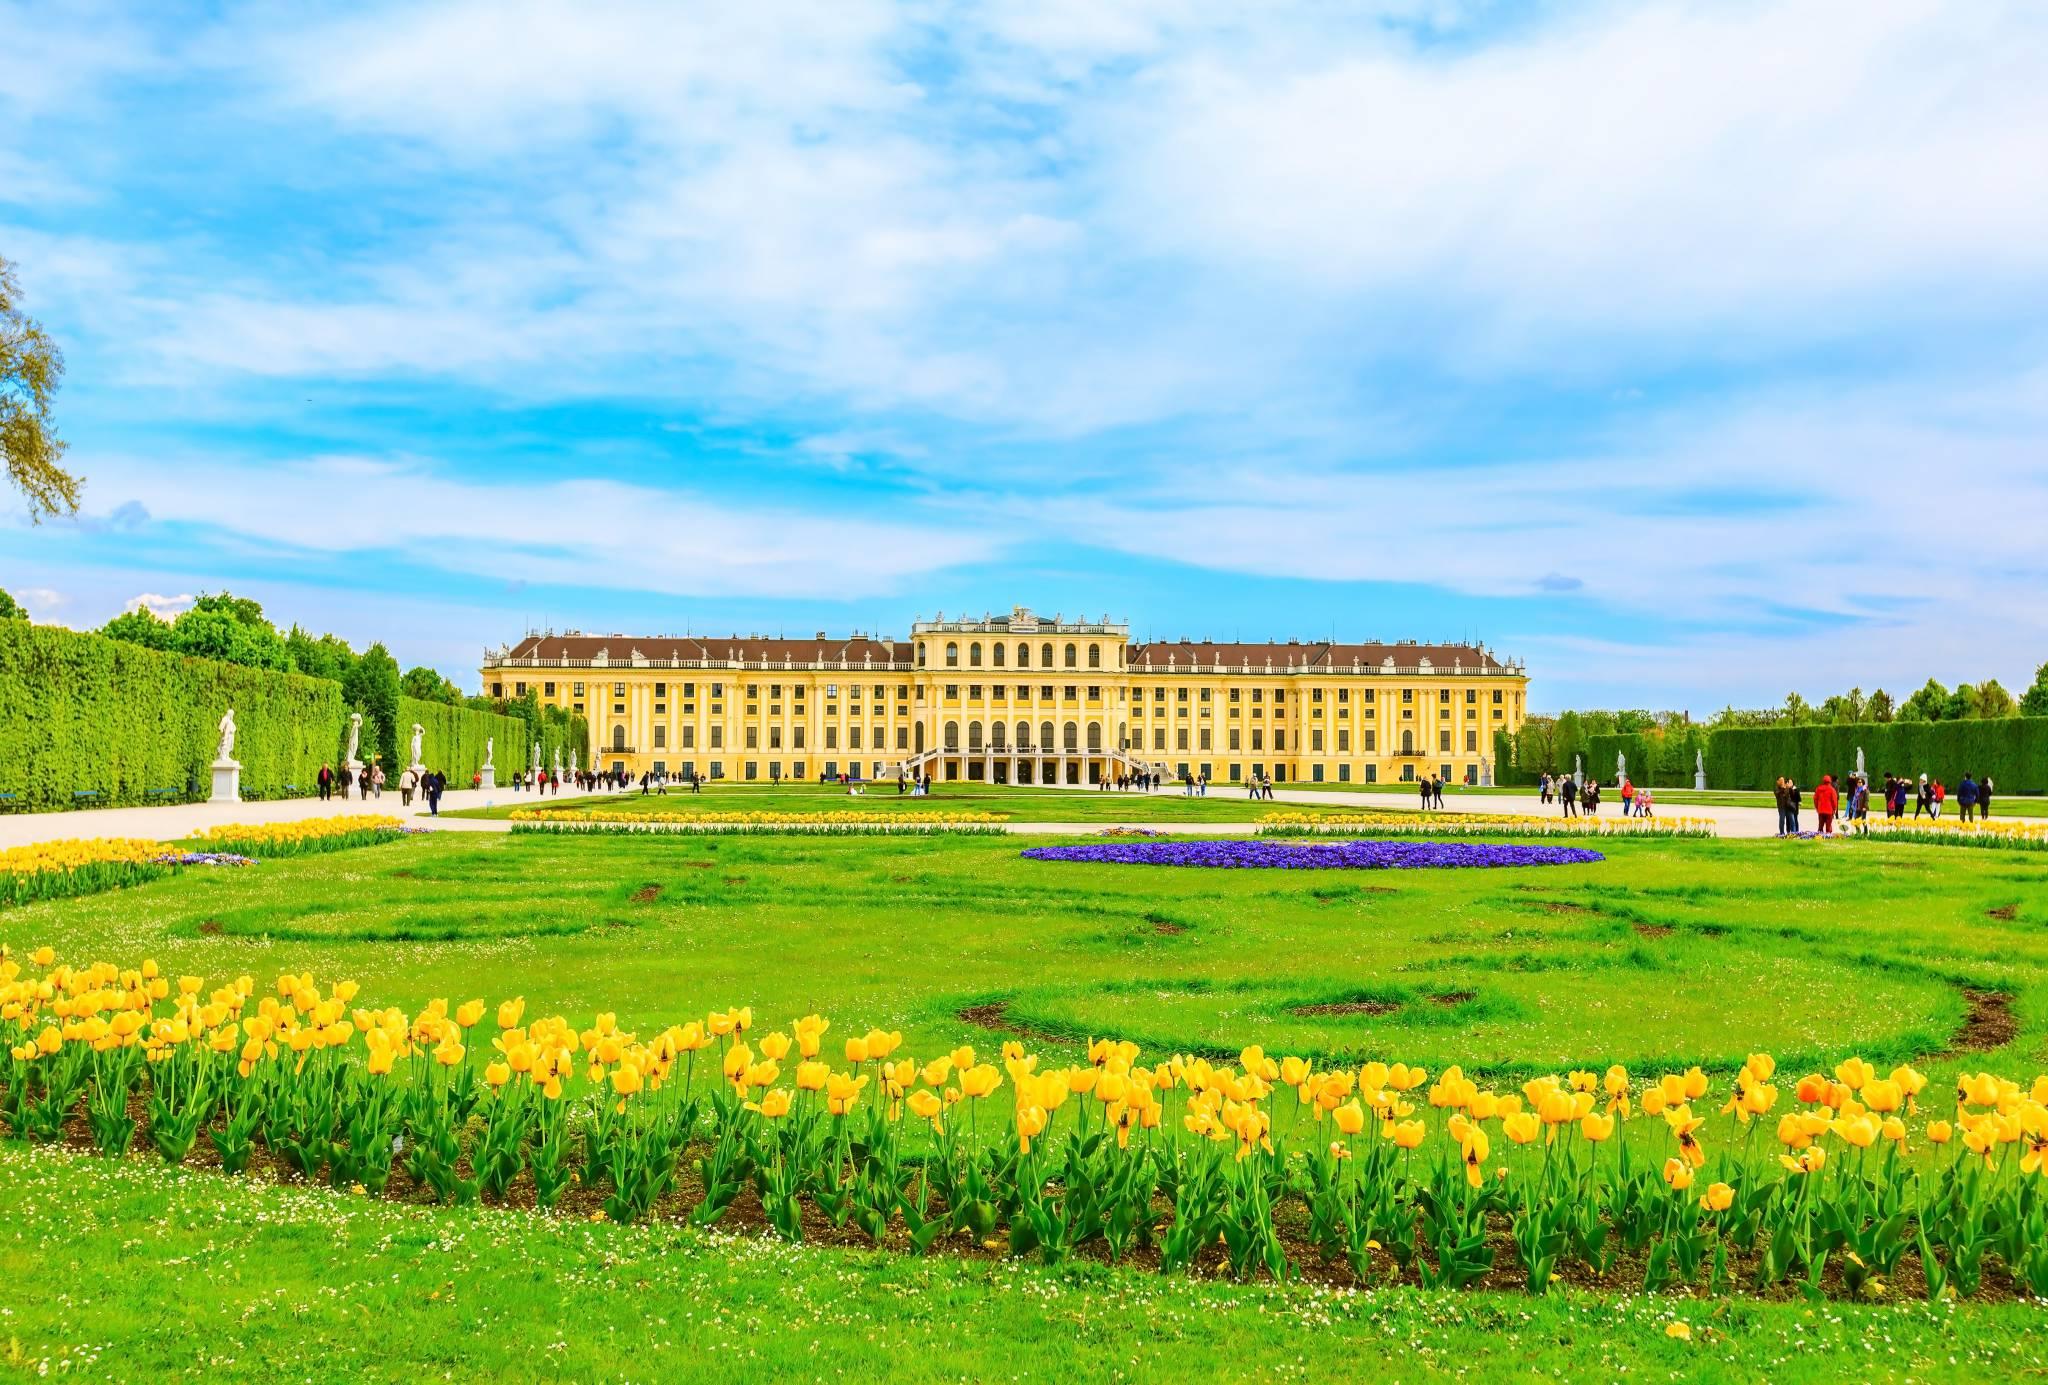 Impressive Schönbrunn Palace in Vienna